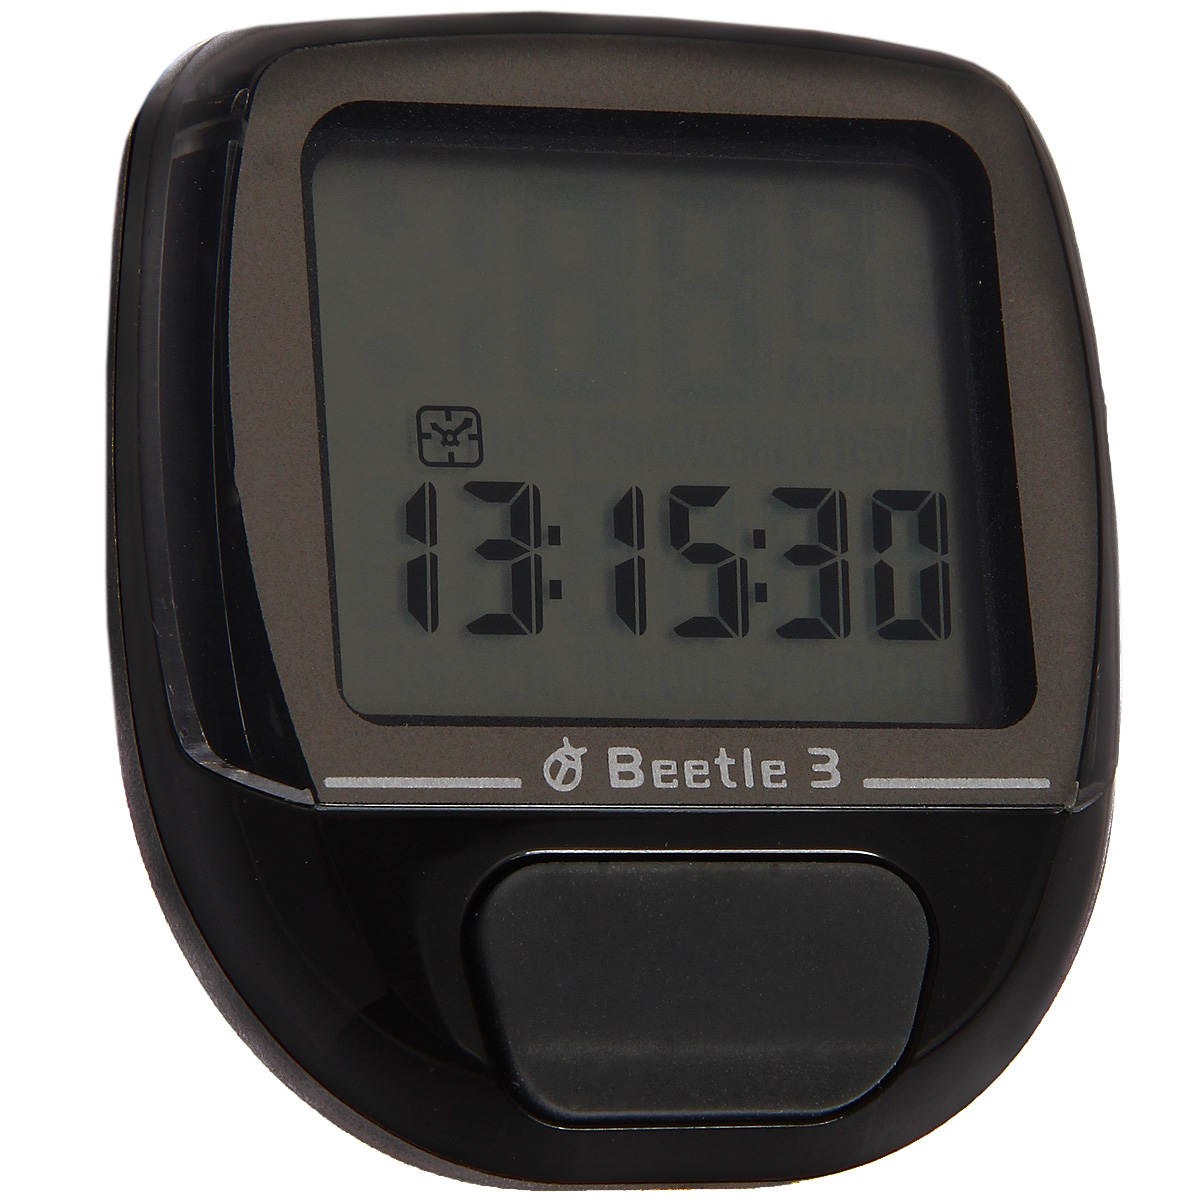 Велокомпьютер Beetle-3, 8 функций, цвет: черный велокомпьютер echowell beetle 3 10 функций черный